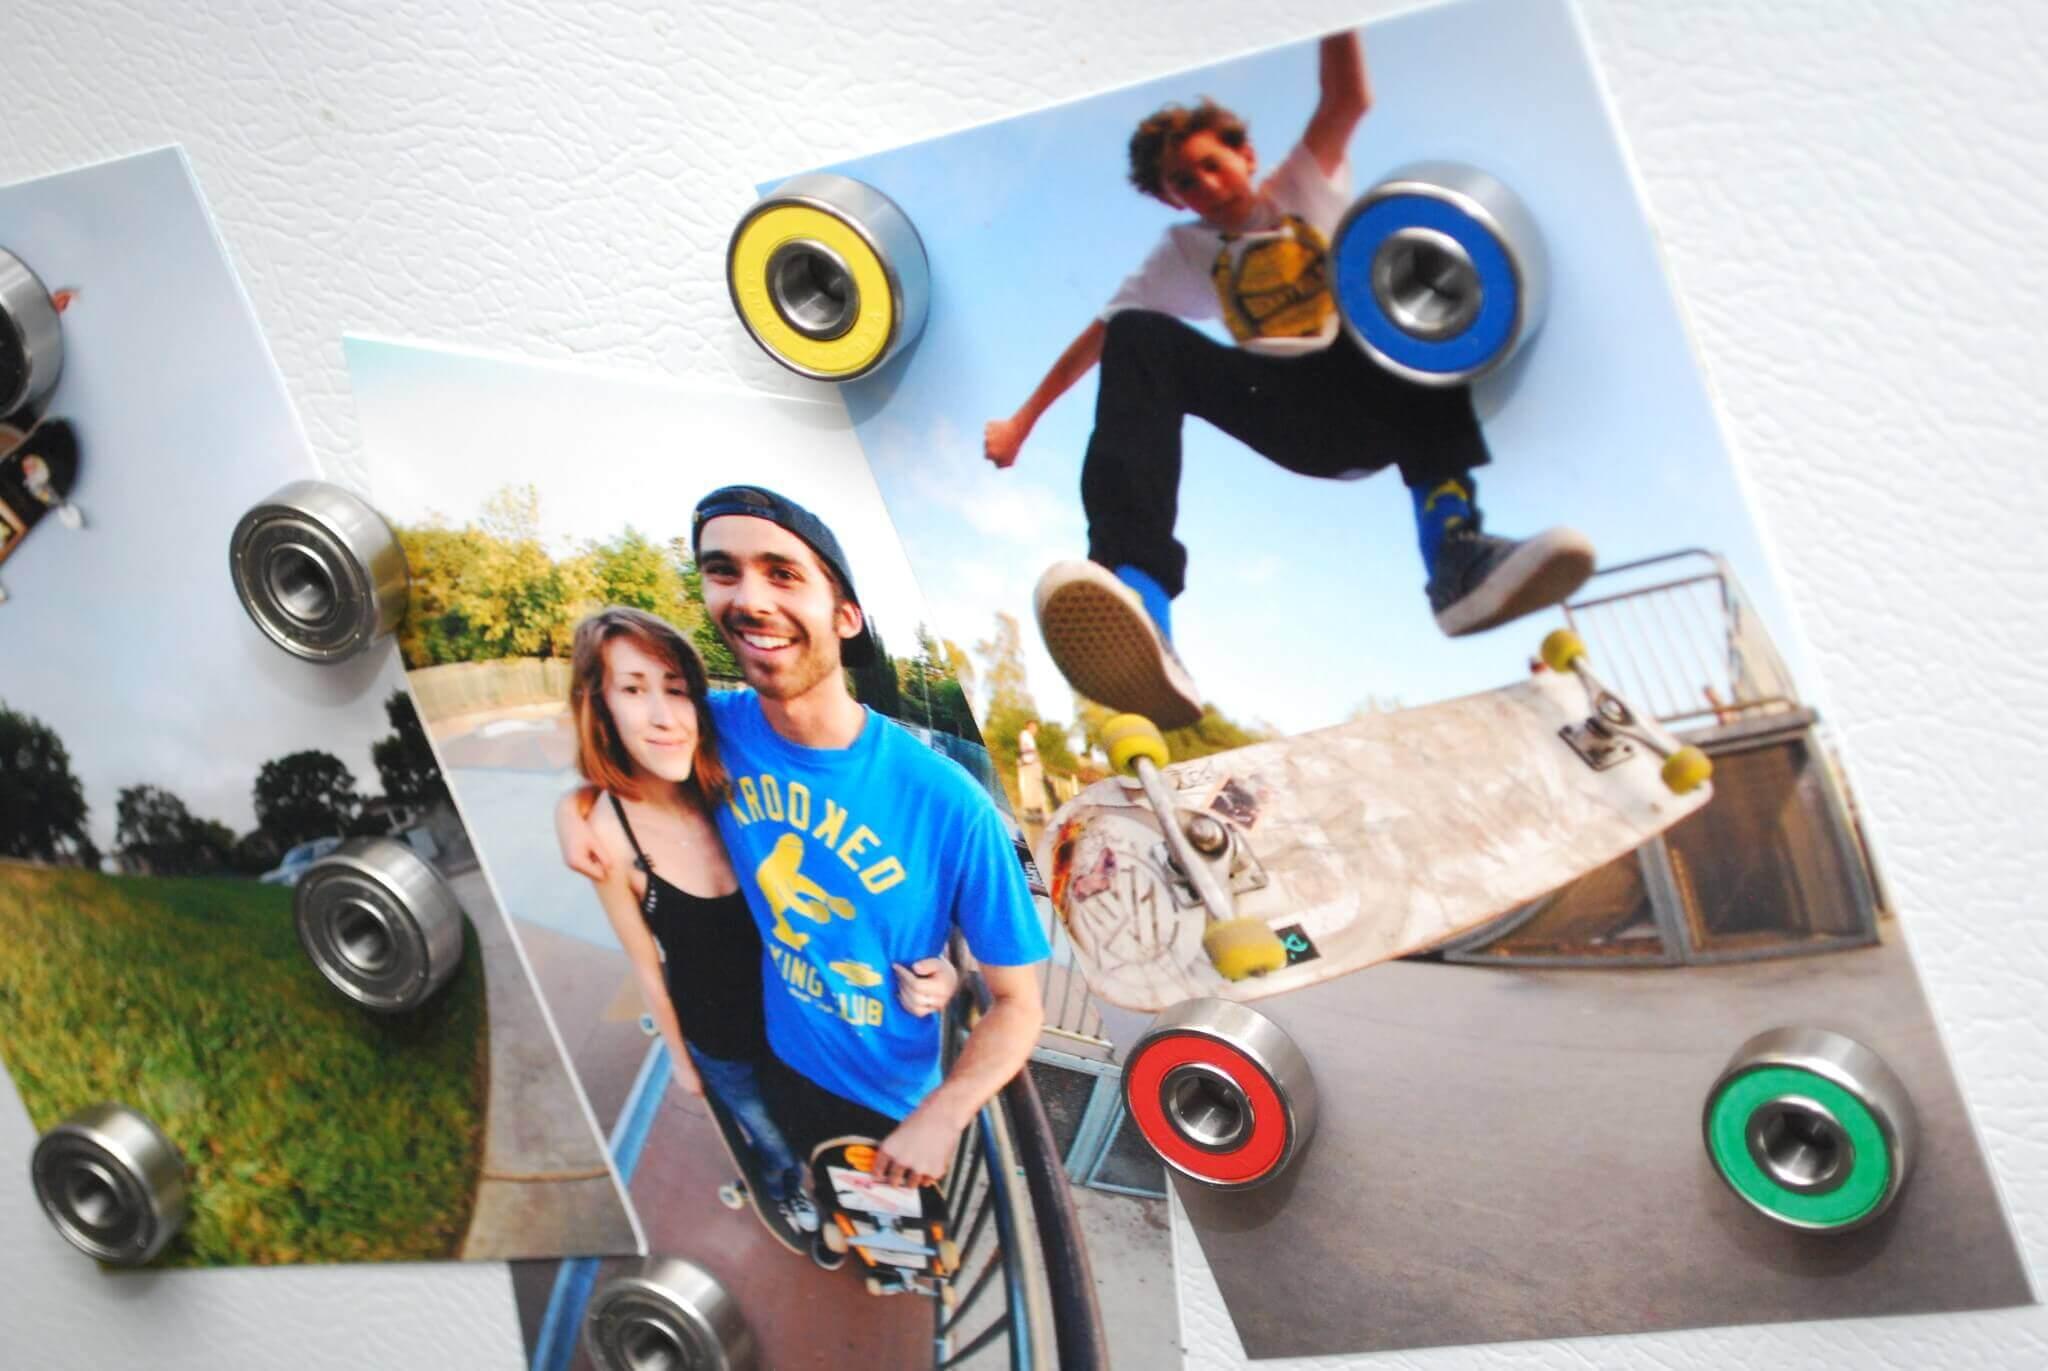 skateboarding art, skateboard